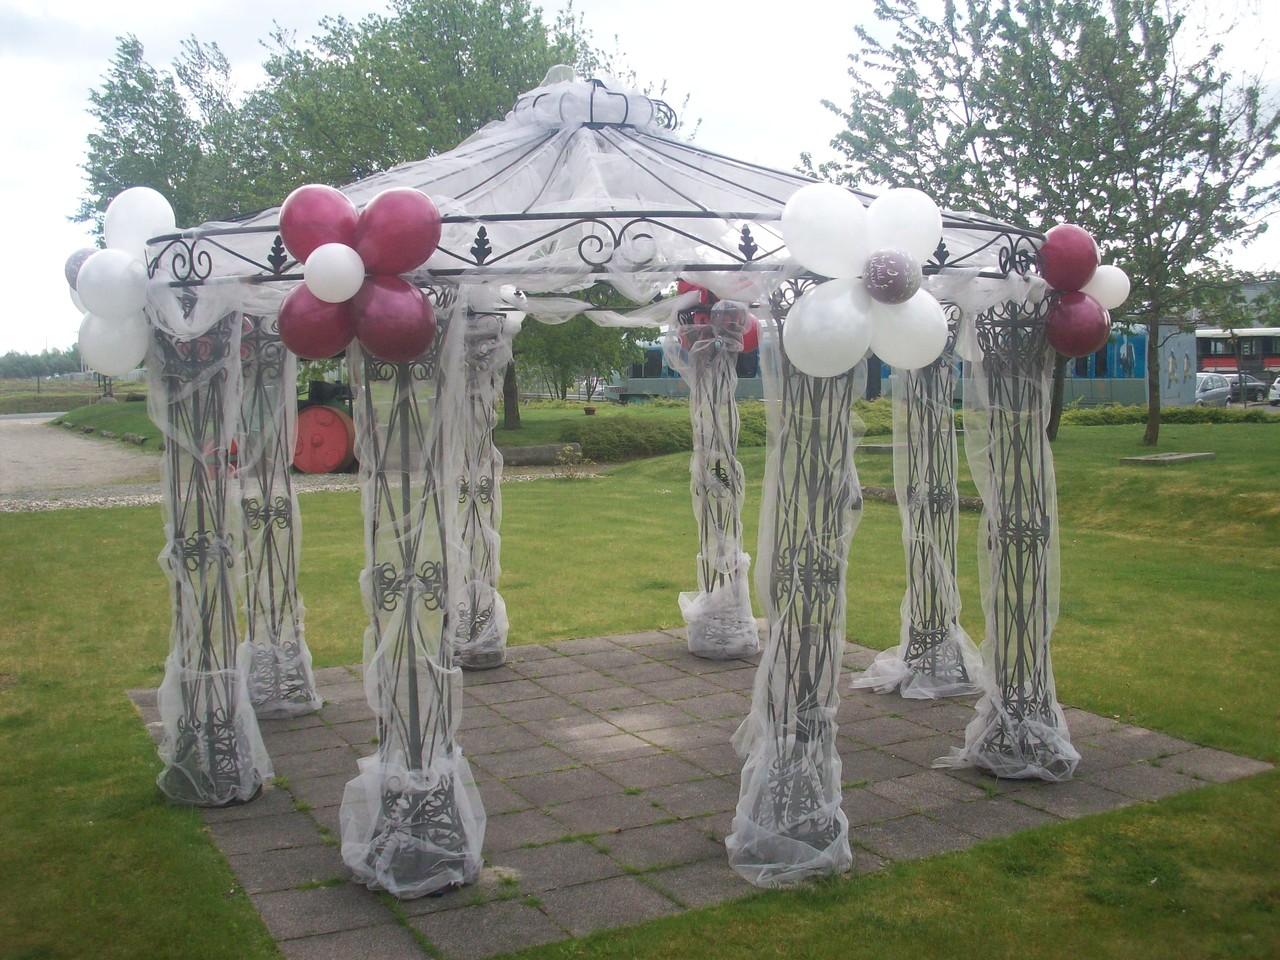 Dekorierter Pavllion. Die Befestigung der Ballon erforderte einiges an Erfahrung: Metallpavillion mit scharfen Kanten und rostigen Stellen und eine Stoffdekoration, die eine freie Erreichbarkeit der Fixierpunkte deutlich erschwerte.Dazu: Regenschauer/Wind